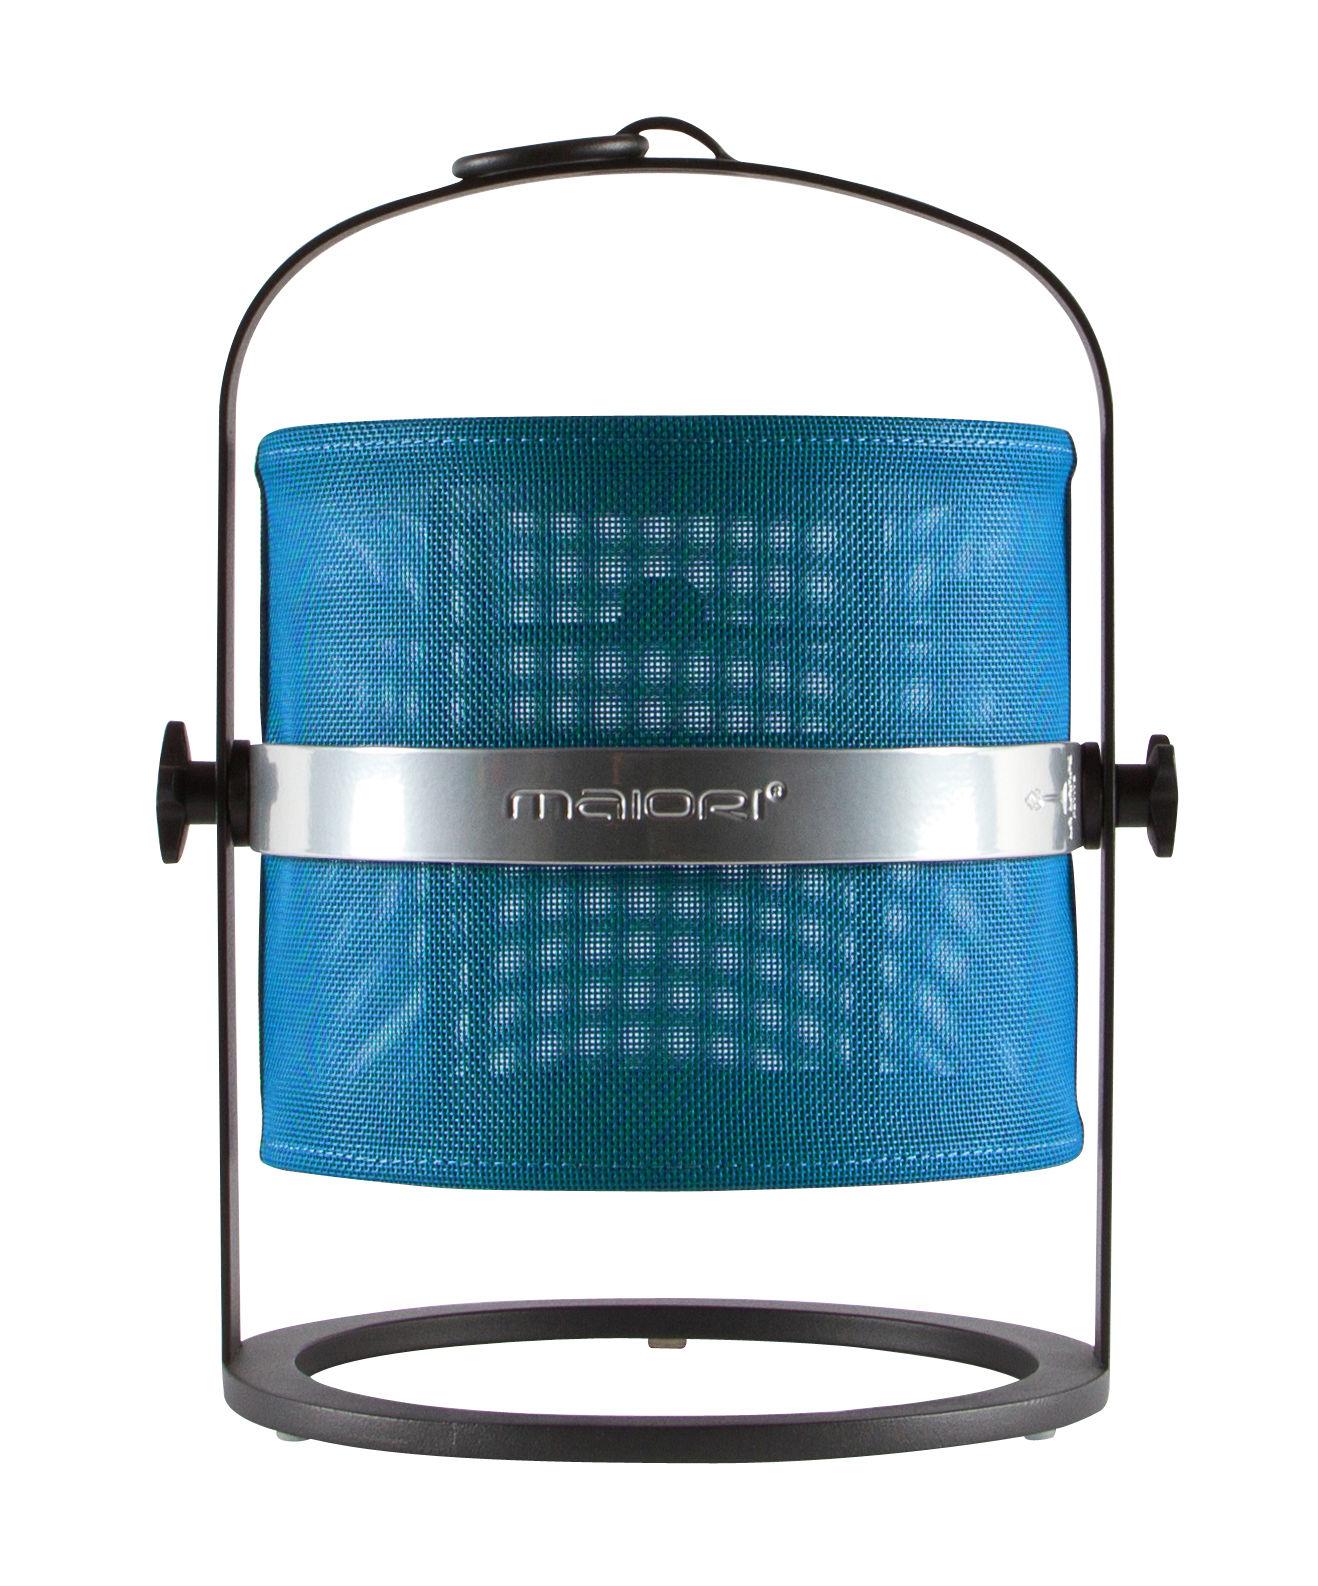 Illuminazione - Lampade da tavolo - Lamapada solare La Lampe Petite LED - / Senza filo - Struttura nera di Maiori -  - Alluminio, Tissu technique